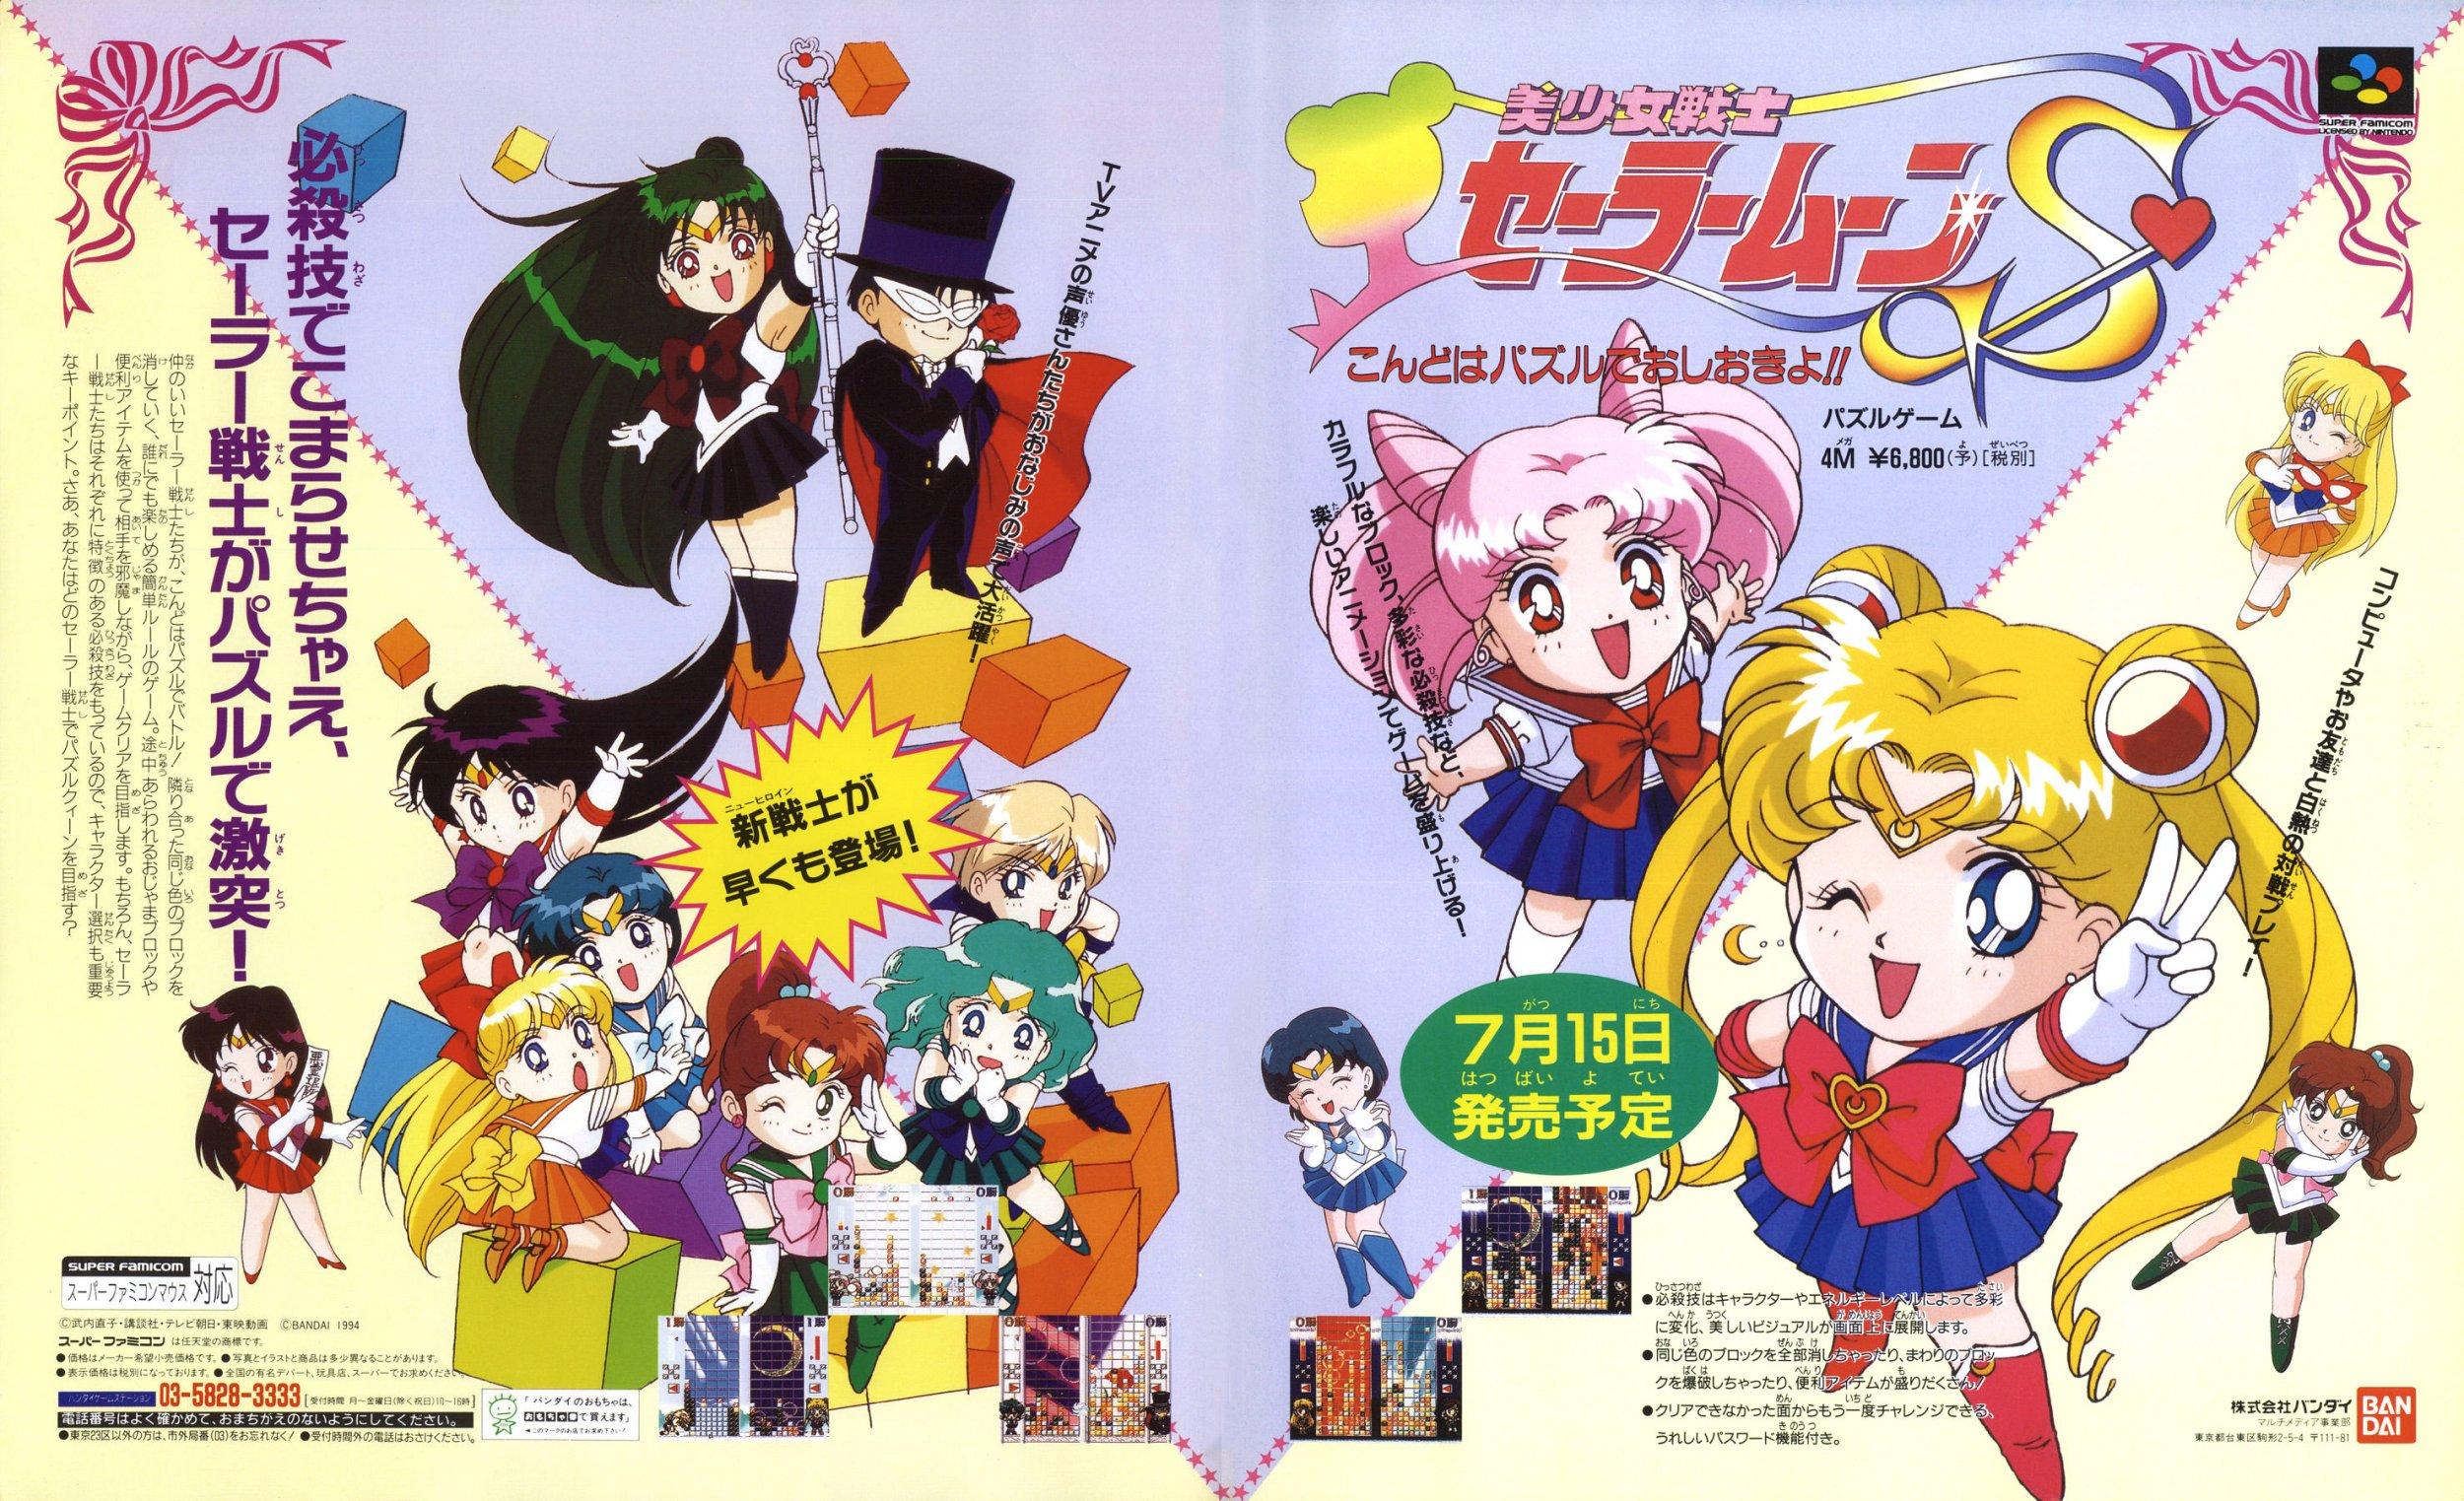 Bishoujo Senshi Sailor Moon S: Kondo wa Puzzle de Oshioki yo!! (Japan)